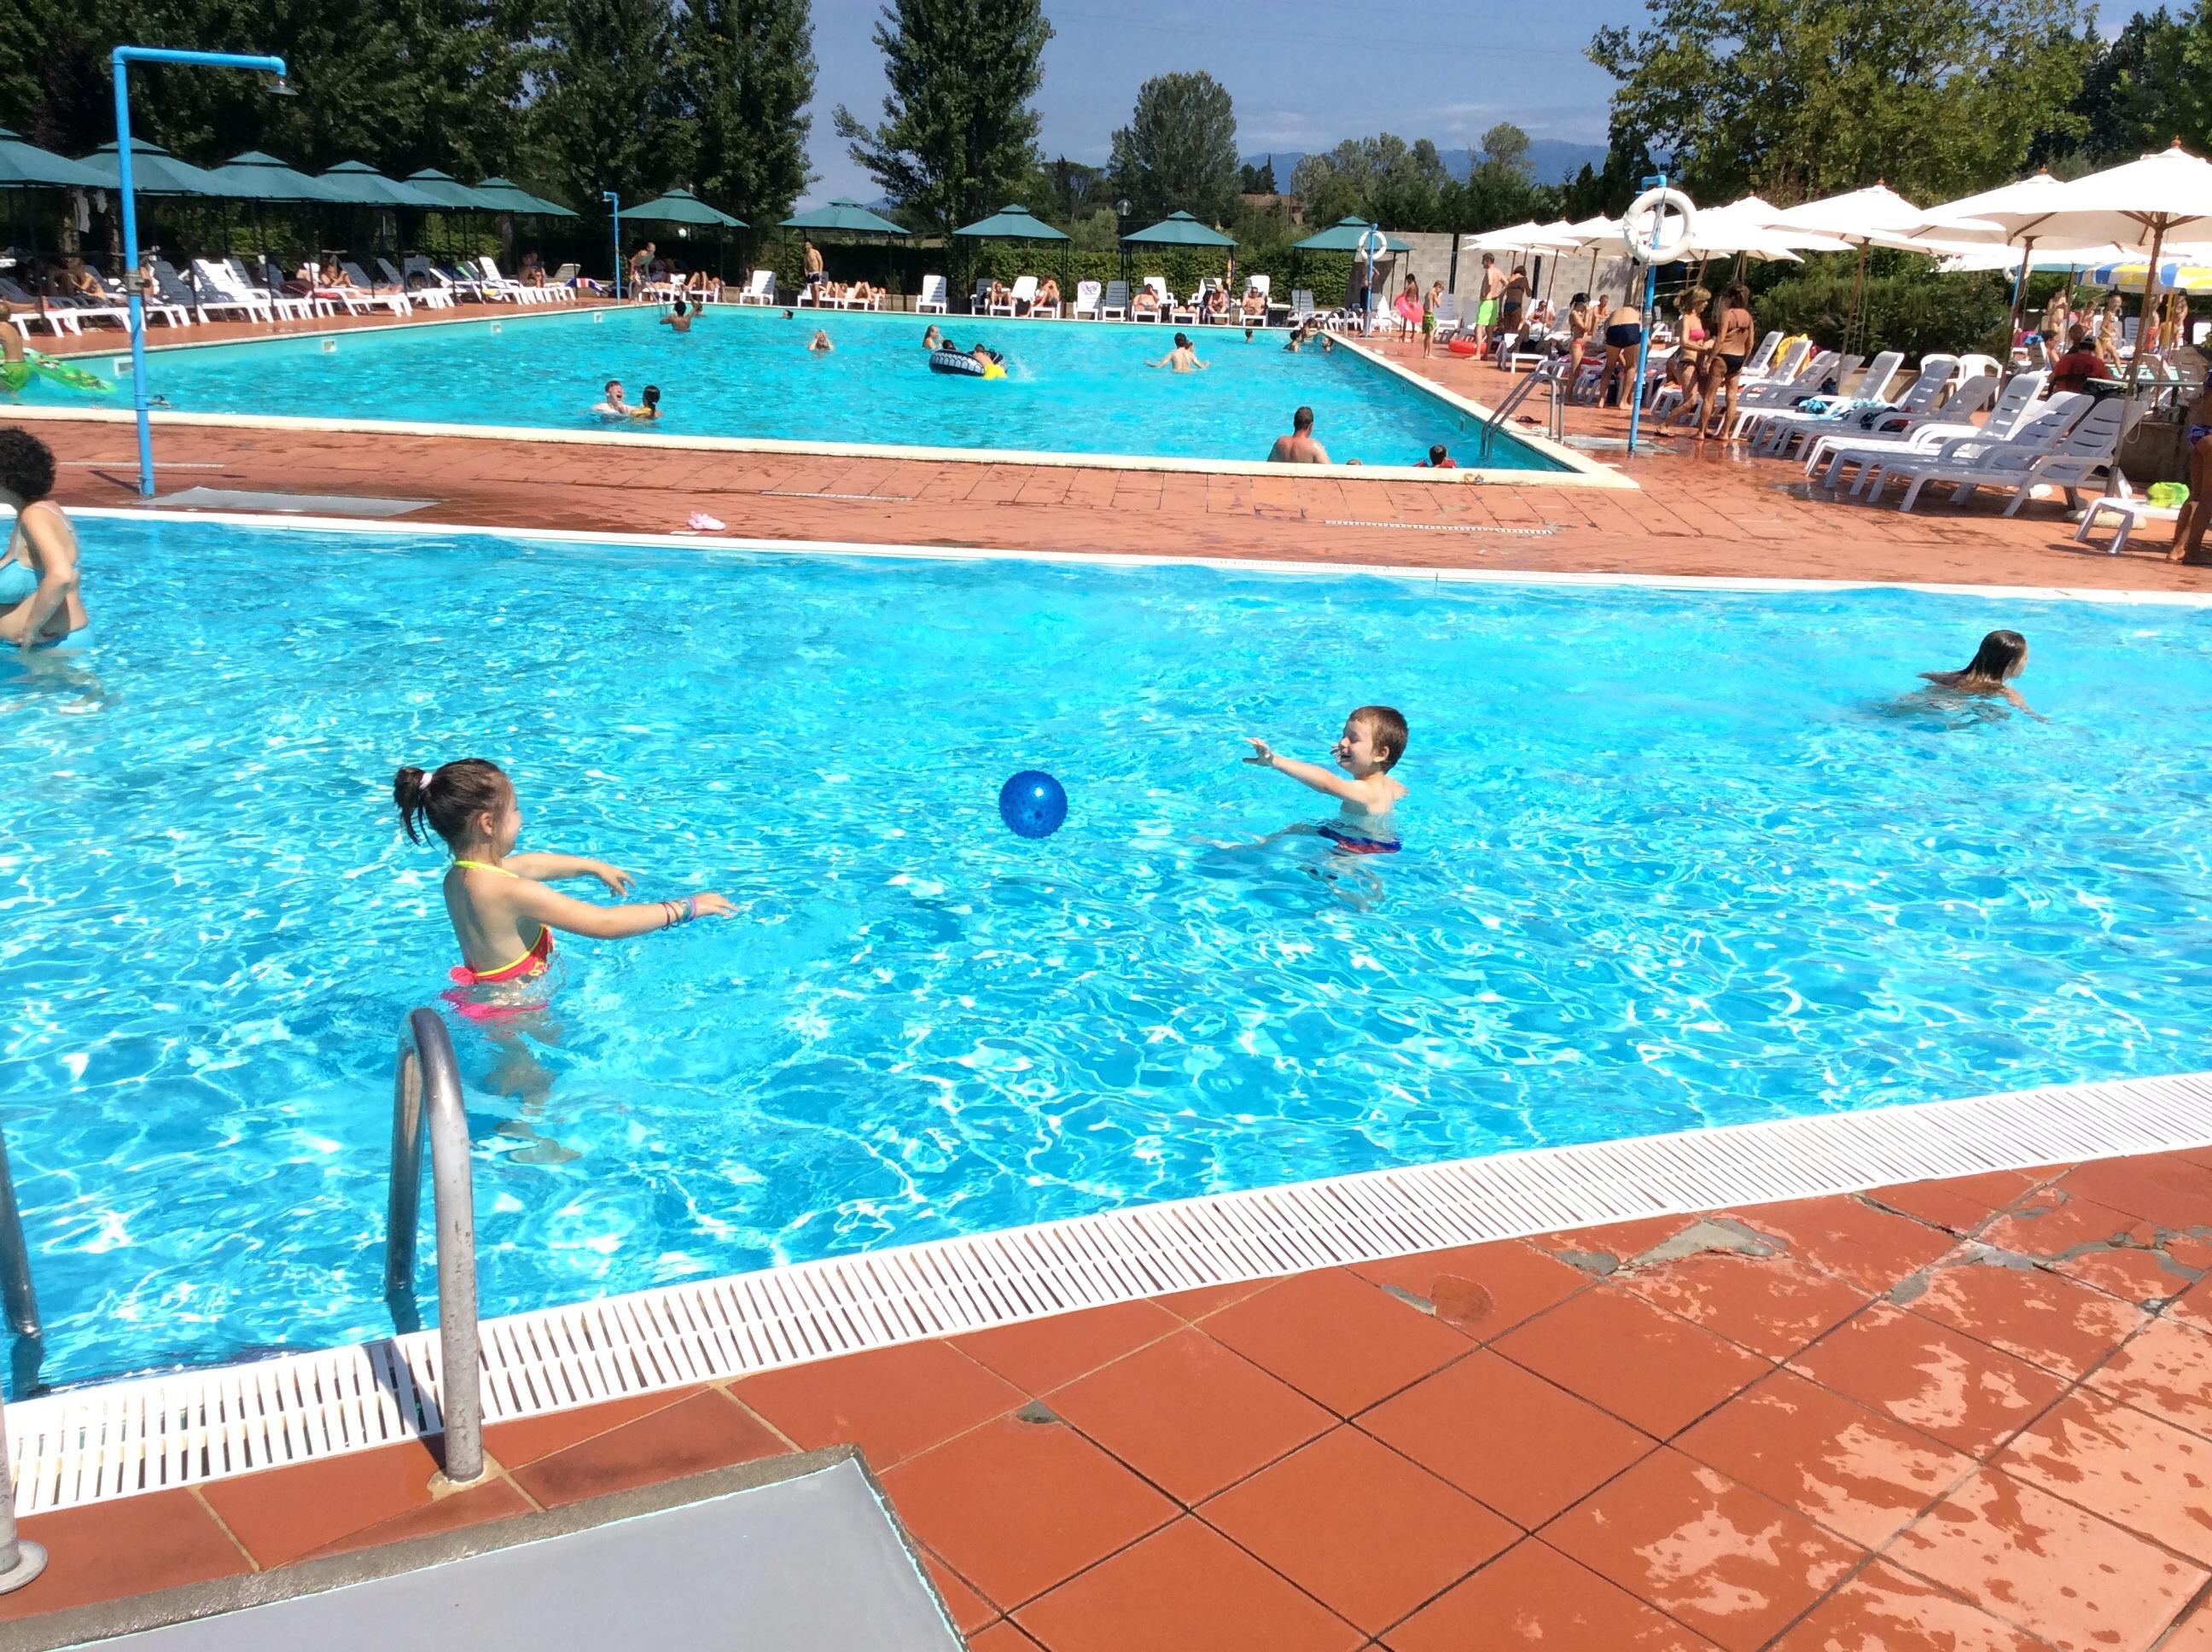 Piscine interrate valdarno arezzo toscana manutenzione e costruzione piscine arezzo - Piscine in toscana ...